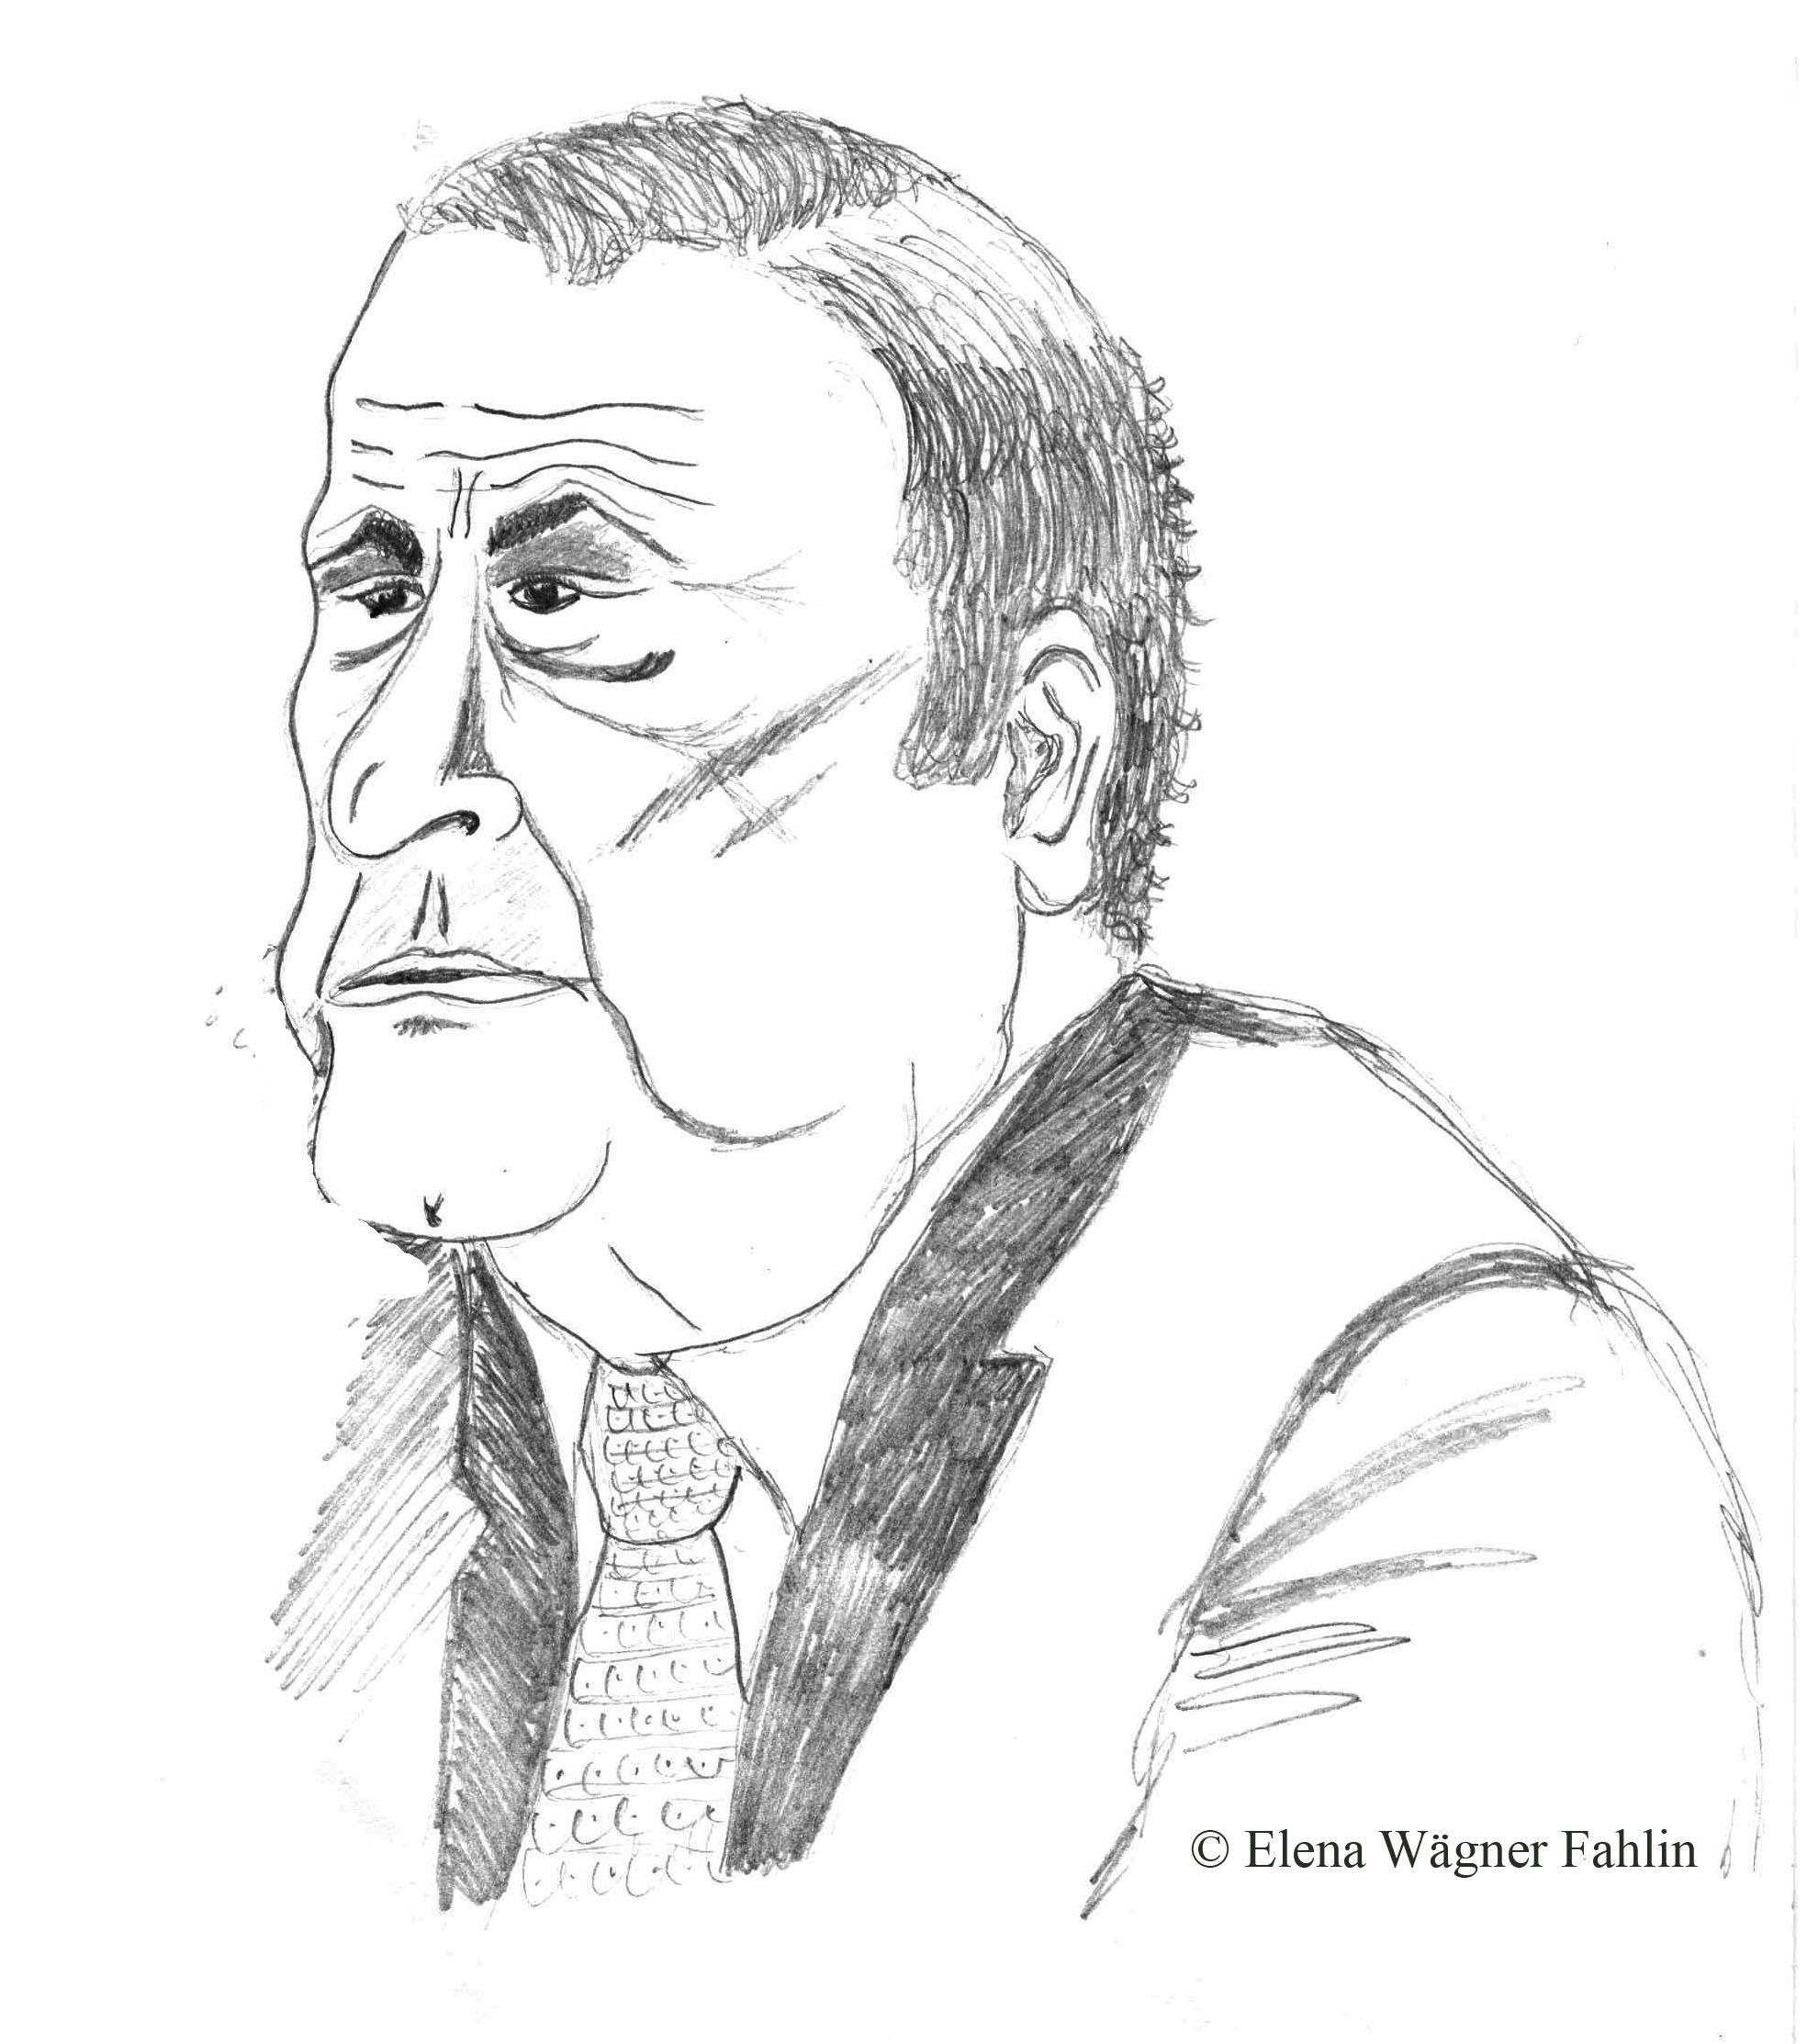 Retrato del profesor y médico forense D. José A. García Andrade. Dibujado por Elena Wägner Fahlin el 18 de Nov de 1994, durante una de sus conferencias.